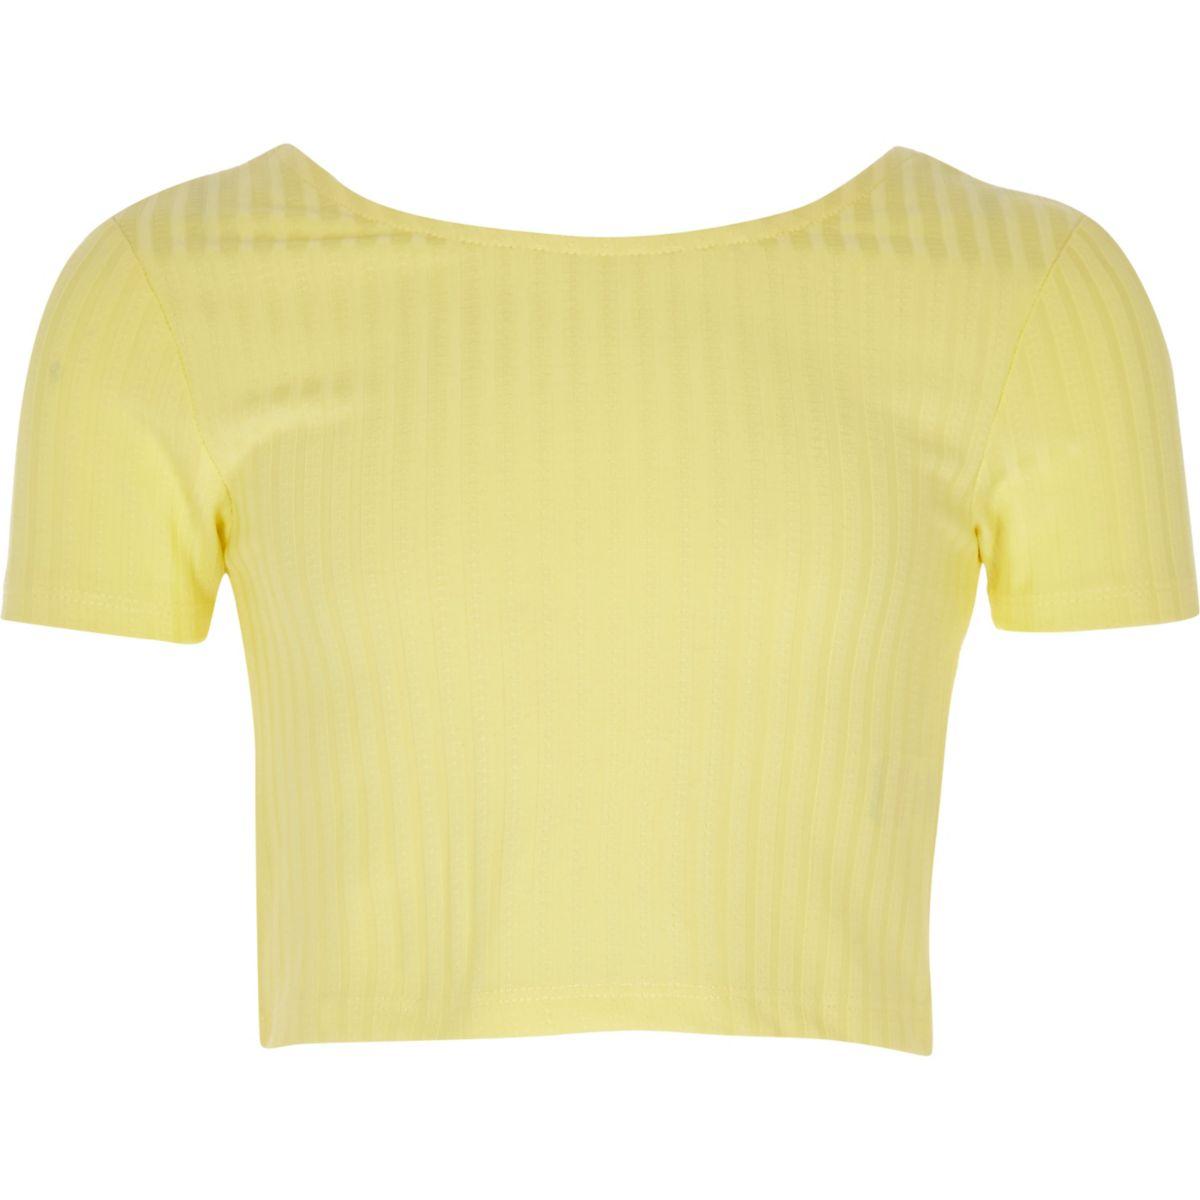 Girls yellow scoop neck crop top